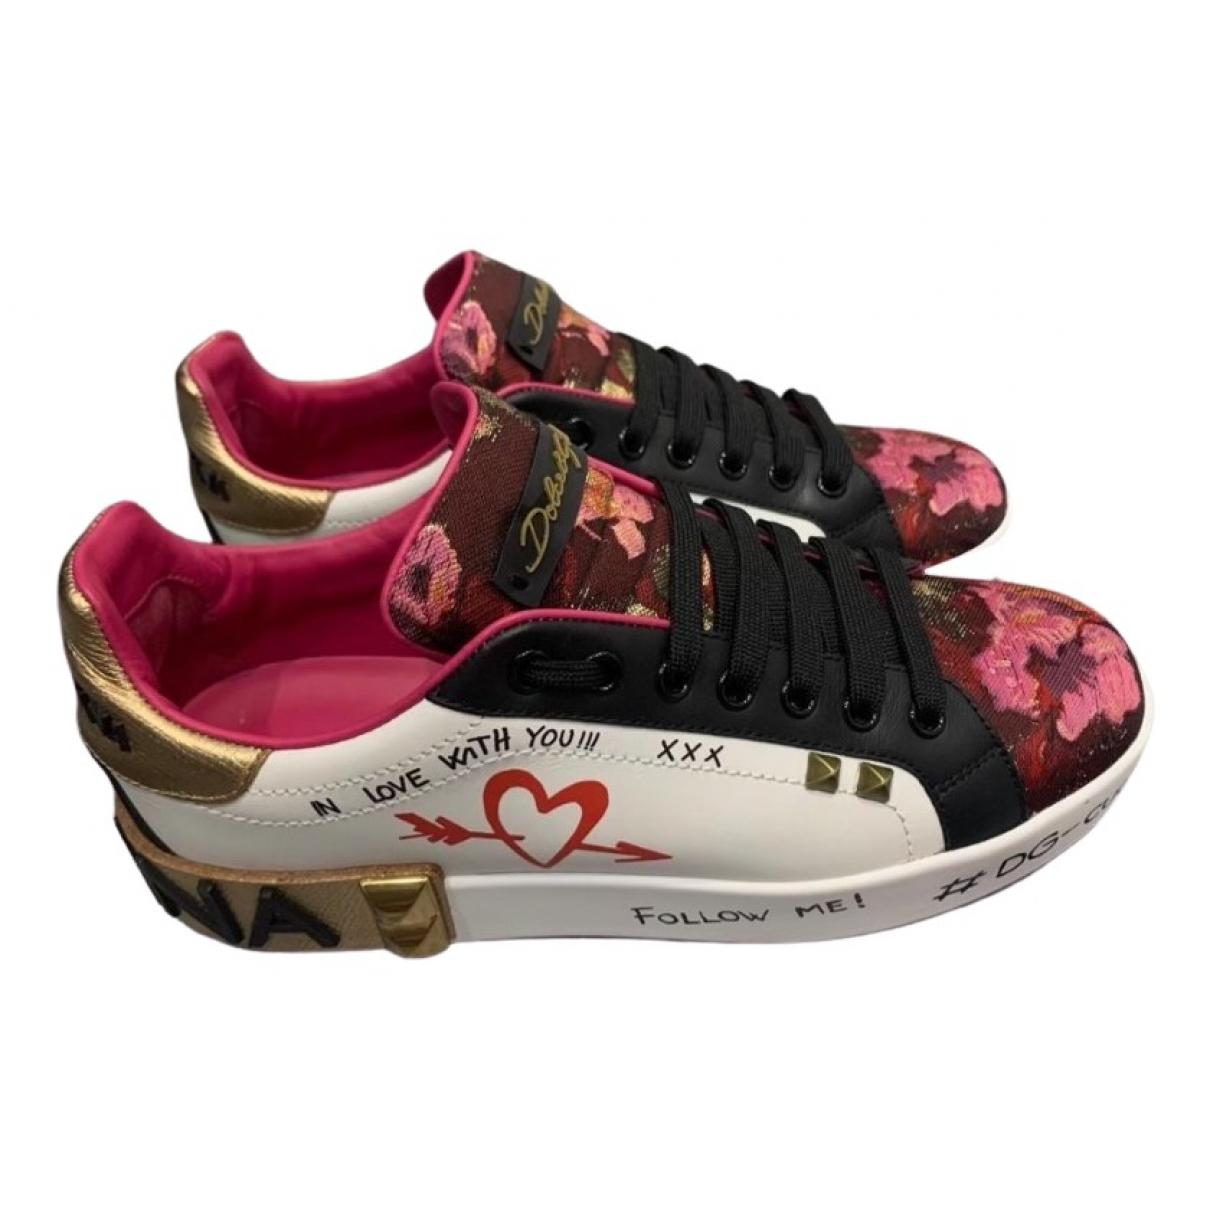 Dolce & Gabbana - Baskets Portofino pour femme en cuir - multicolore